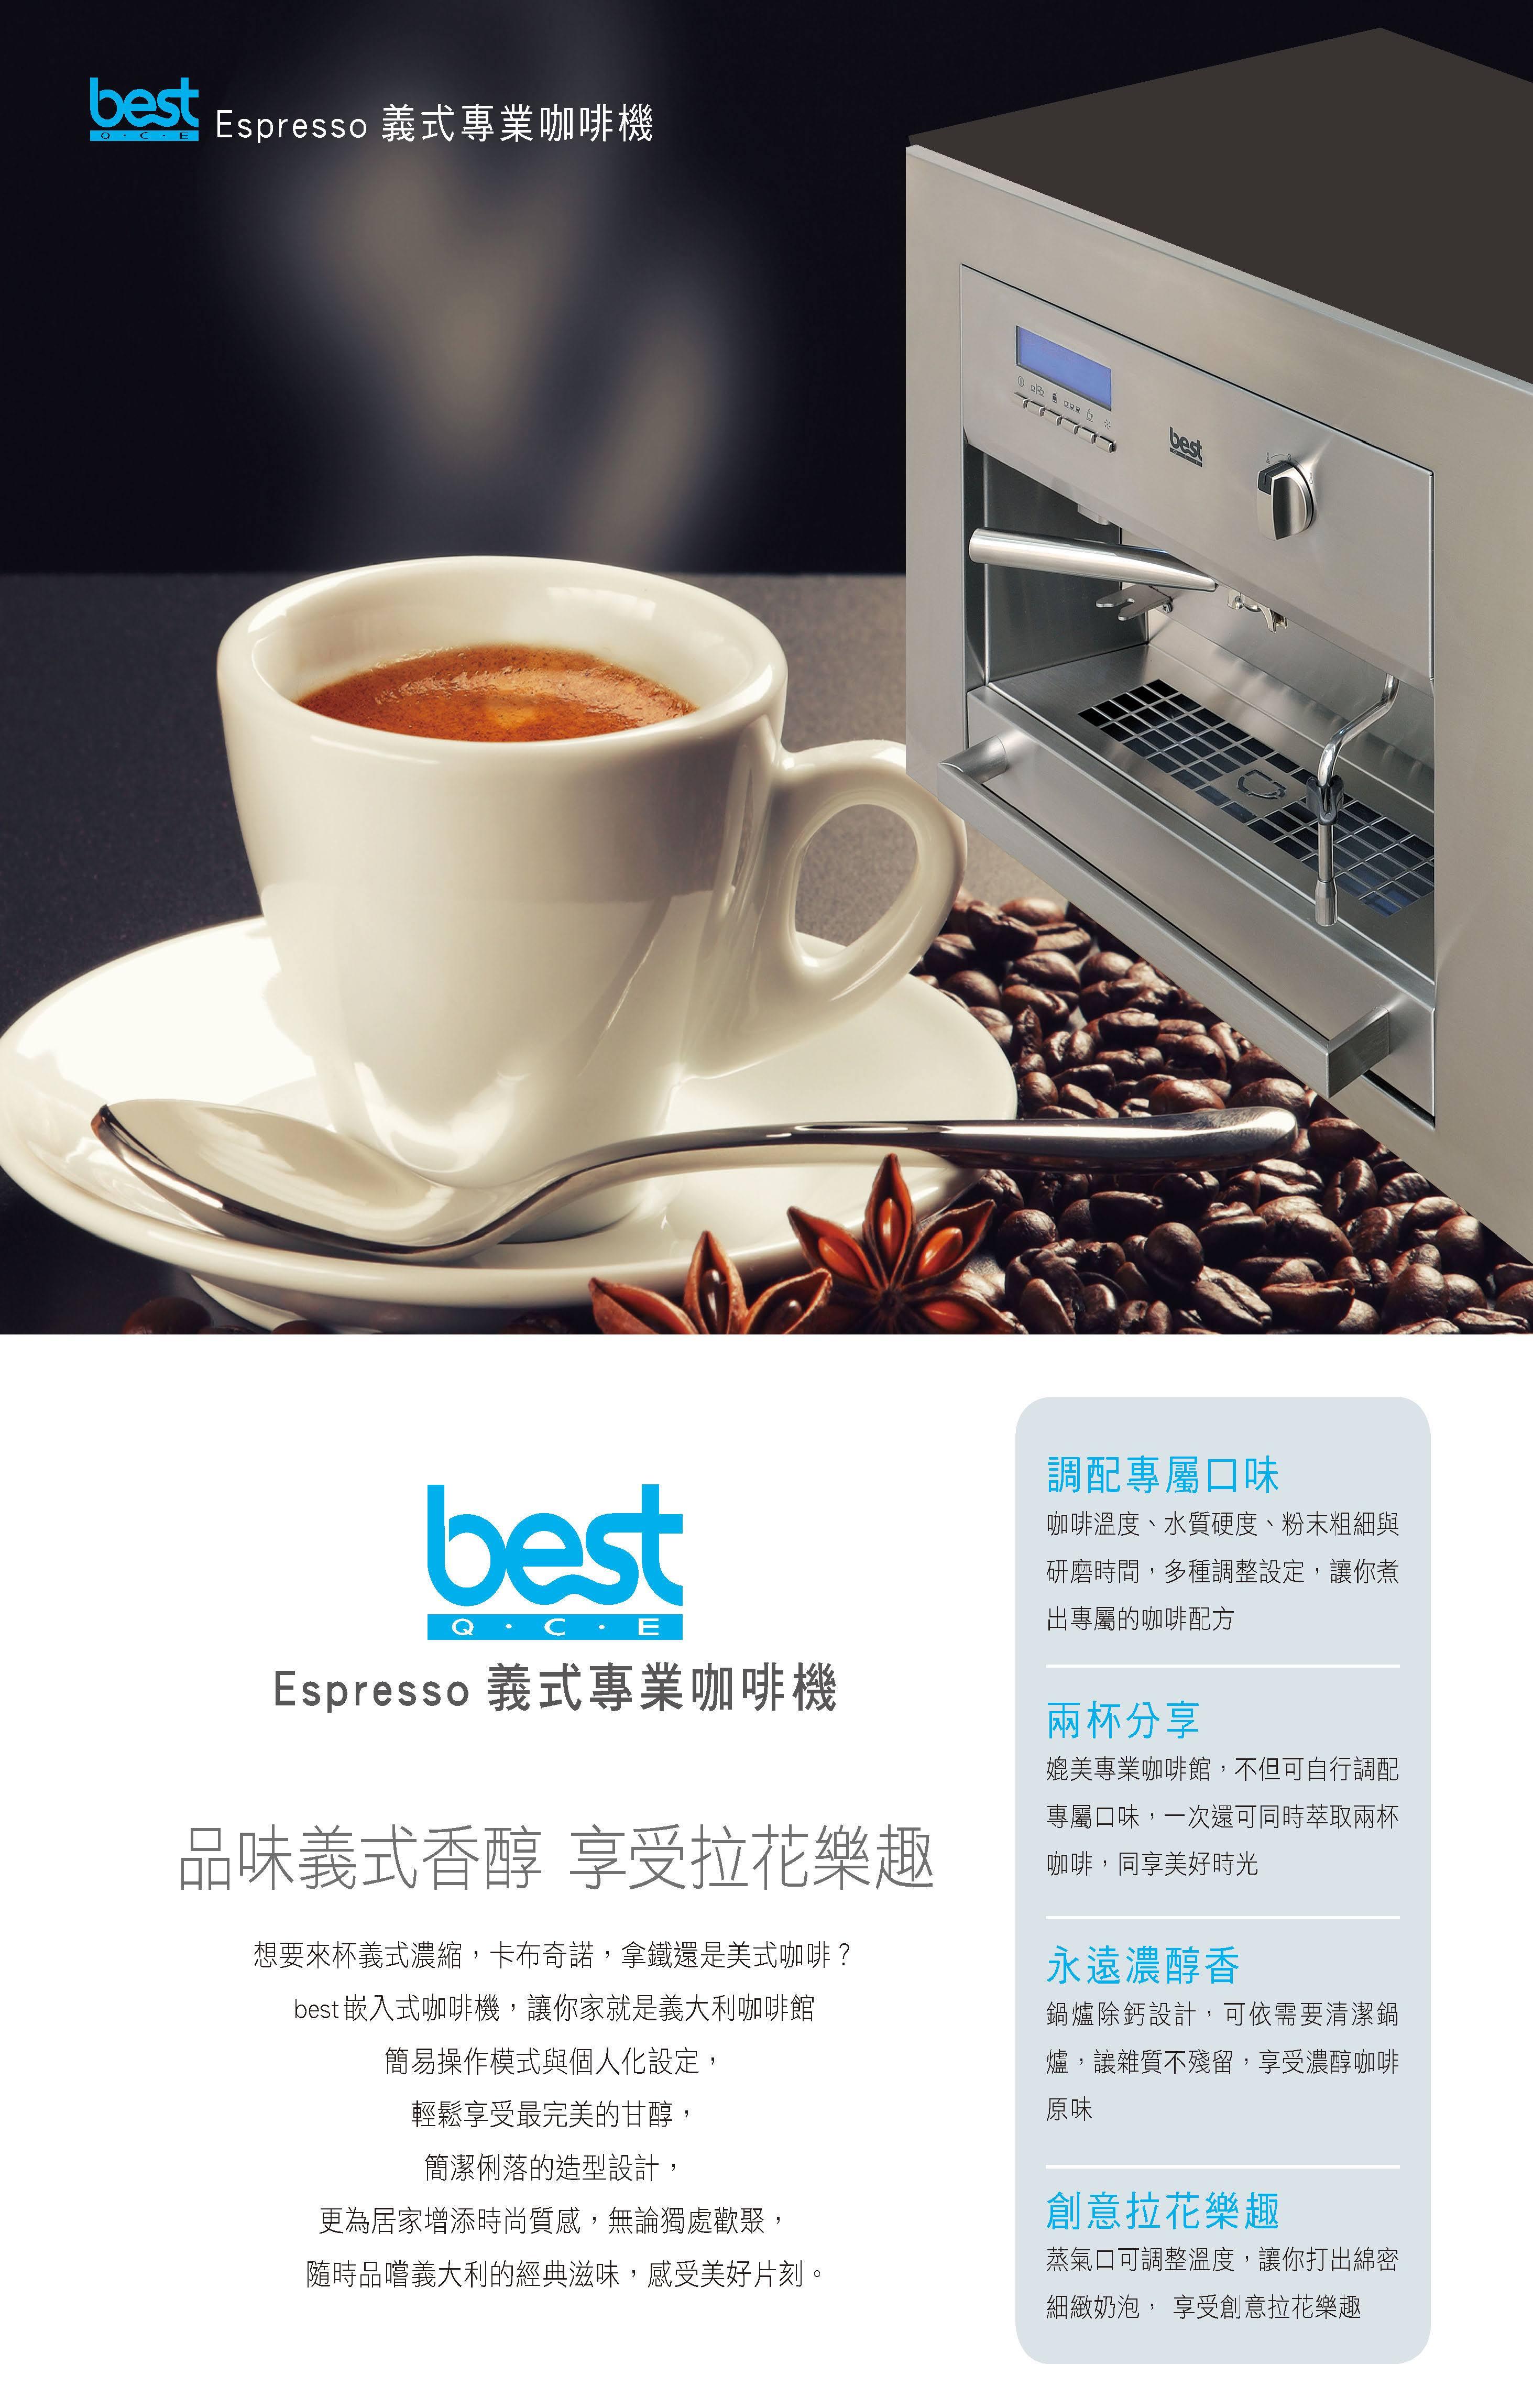 Espresso義式嵌入式專業咖啡機